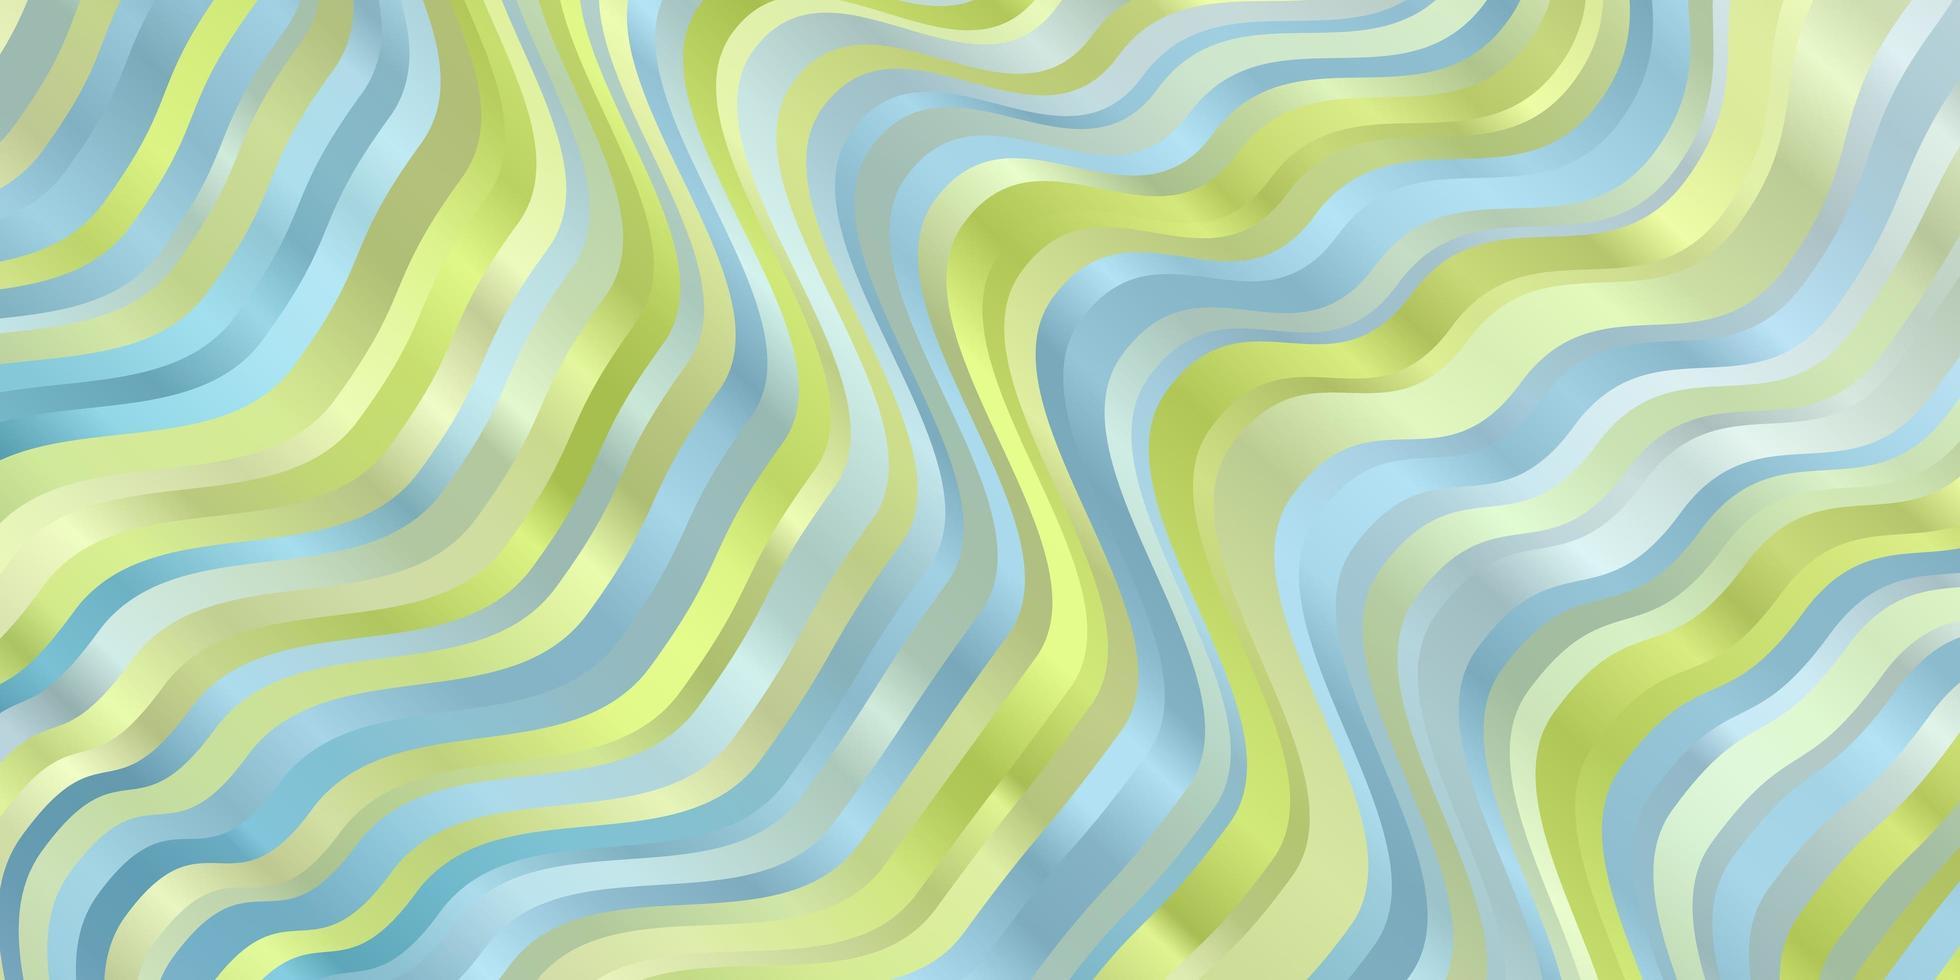 lichtblauwe en groene achtergrond met curven. vector